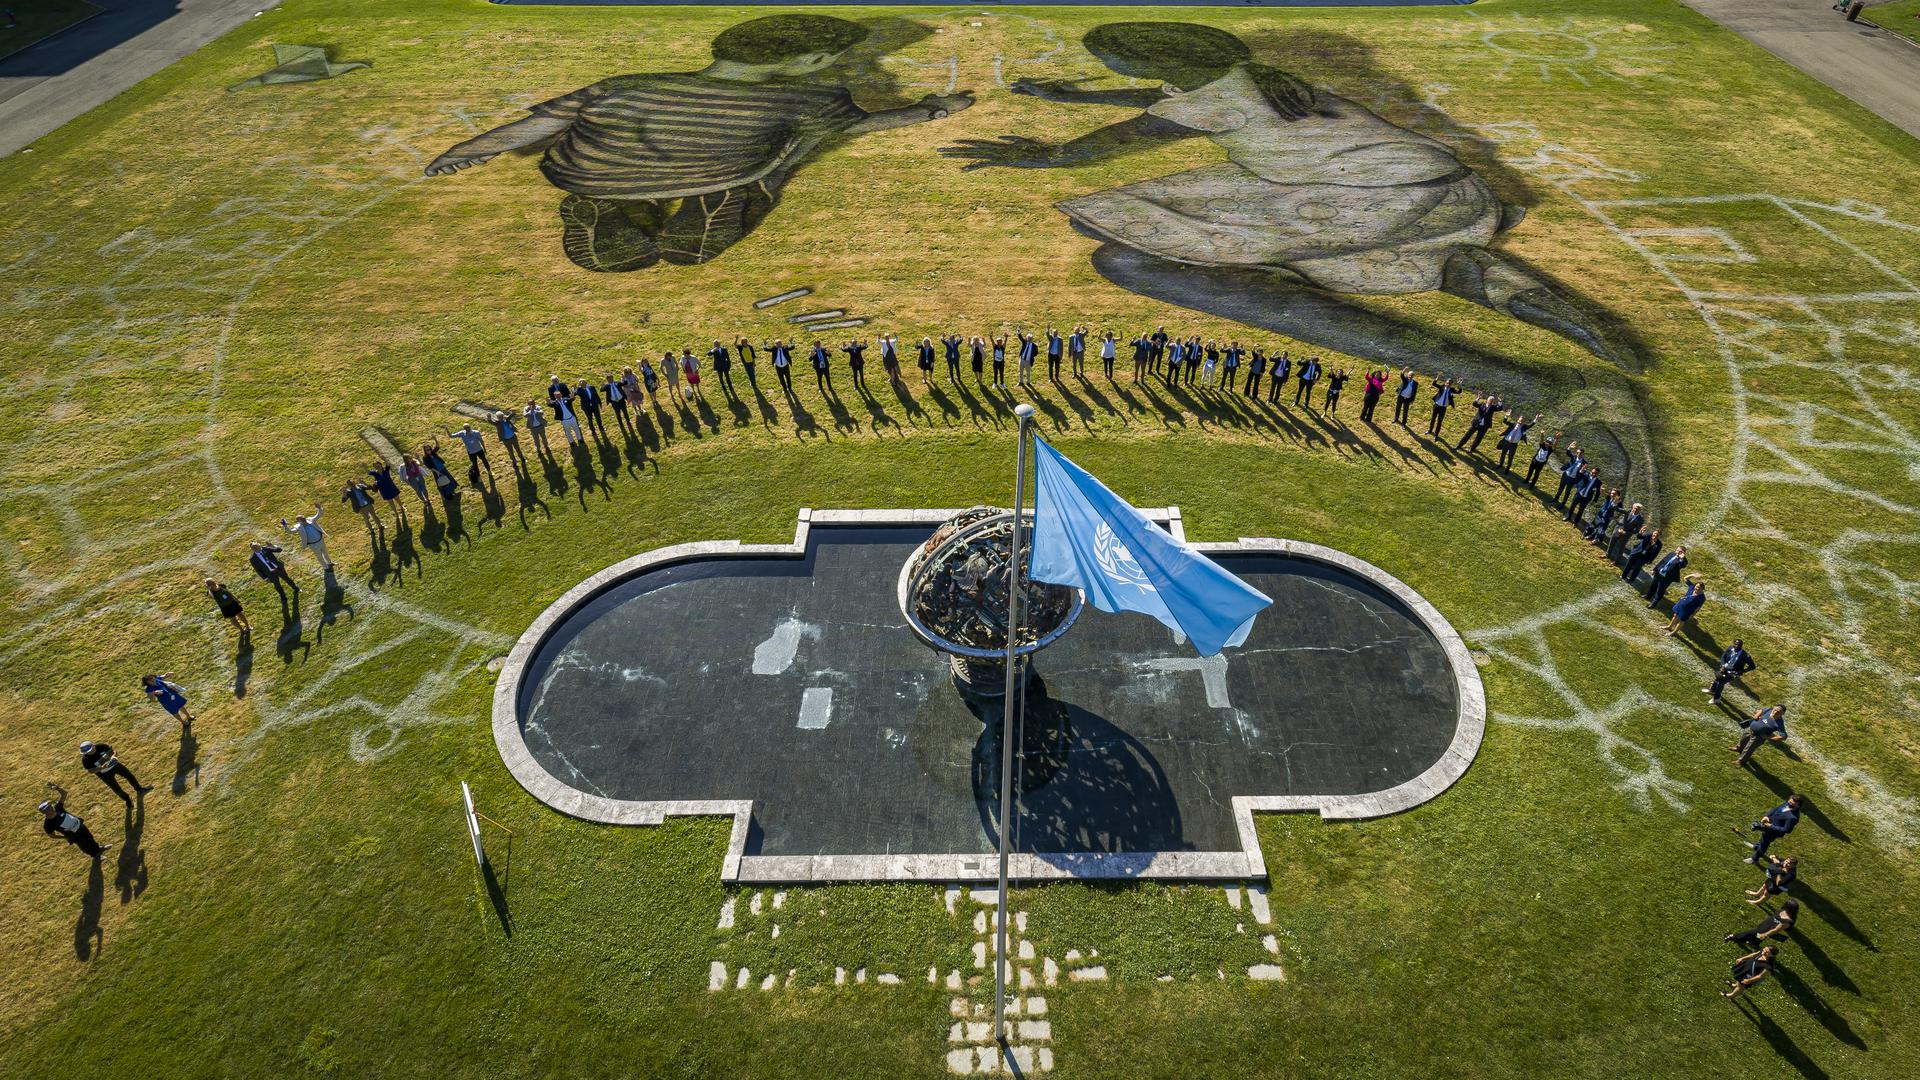 Das Land Art Gemälde «World in Progress» des französisch-schweizerischen Künstlers Saype wird auf der Wiese vor dem Hauptsitz der Vereinten Nationen enthüllt. Abgebildet sind zwei Kinder, die ein Bild aus Kreide malen. Das Kunstwerk wurde anlässlich des 75. Jahrestages der Unterzeichnung der Charta der Vereinten Nationen am 26.06.1945 mit biologisch abbaubaren Farben auf die Wiese gemalt. +++ dpa-Bildfunk +++